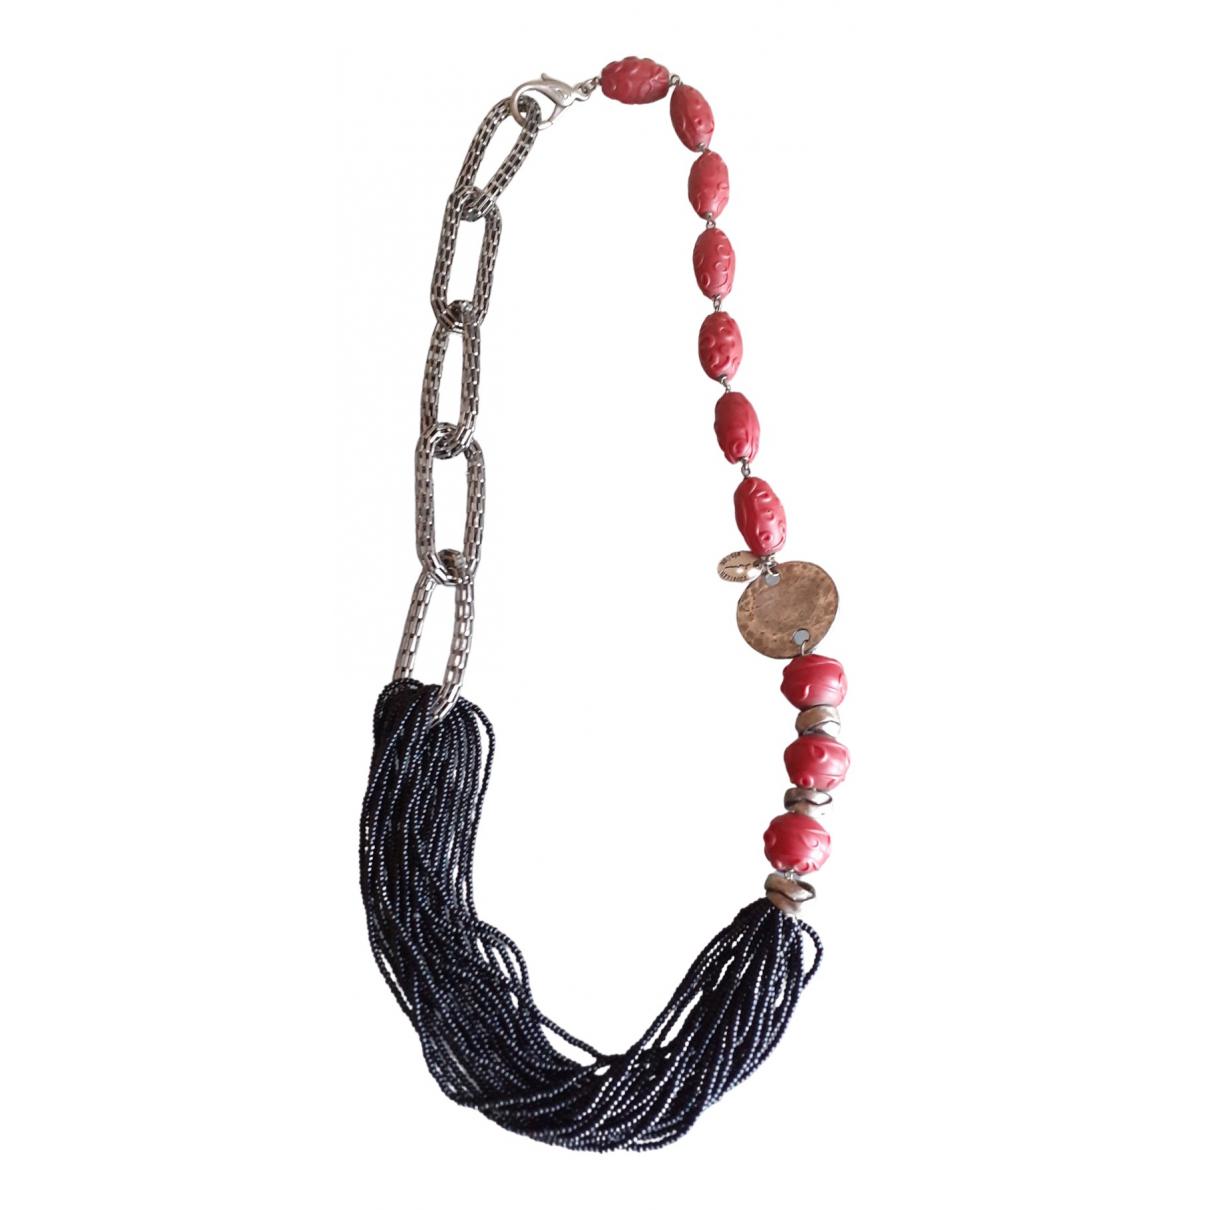 - Collier Chaines pour femme en metal